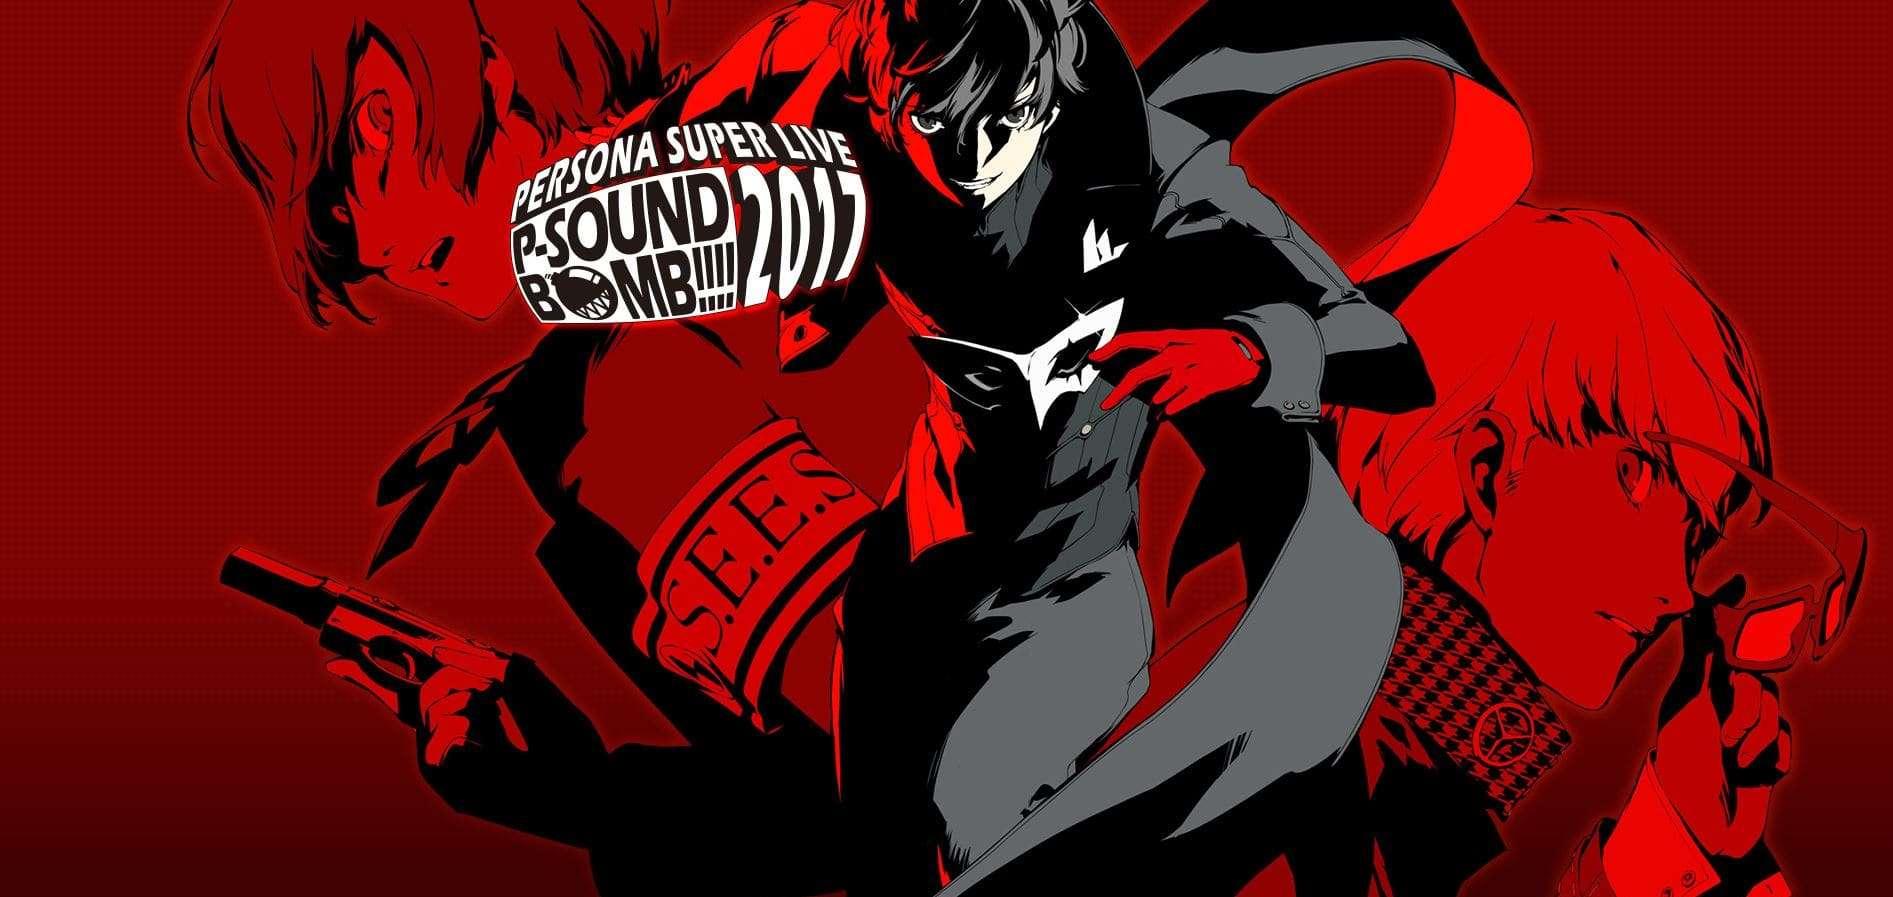 Persona Super Live P-Sound Bomb!!!! 2017 Announced